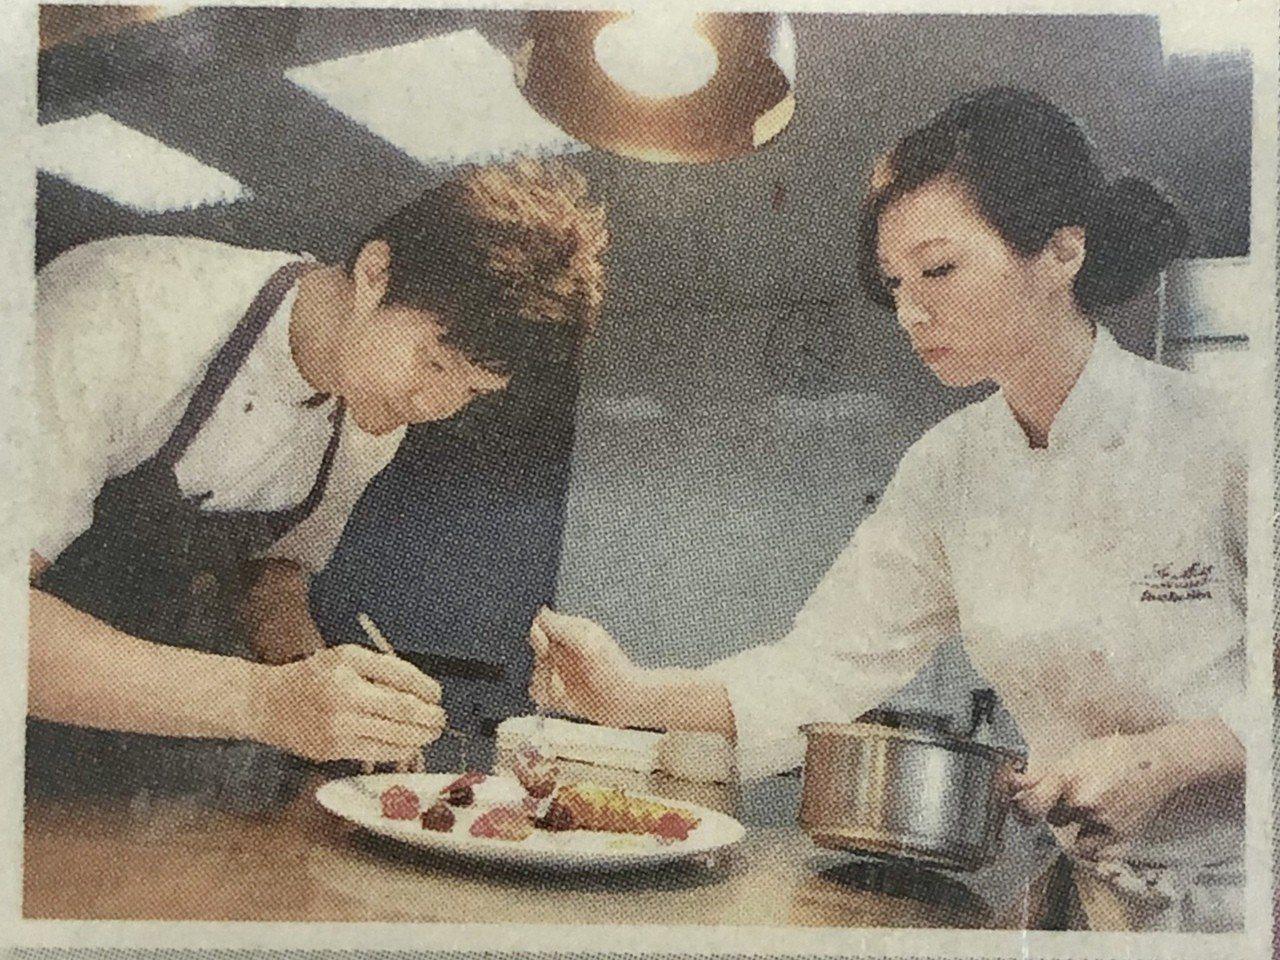 林恬耀感謝陳嵐舒(右)的賞識和指導。圖/林恬耀提供